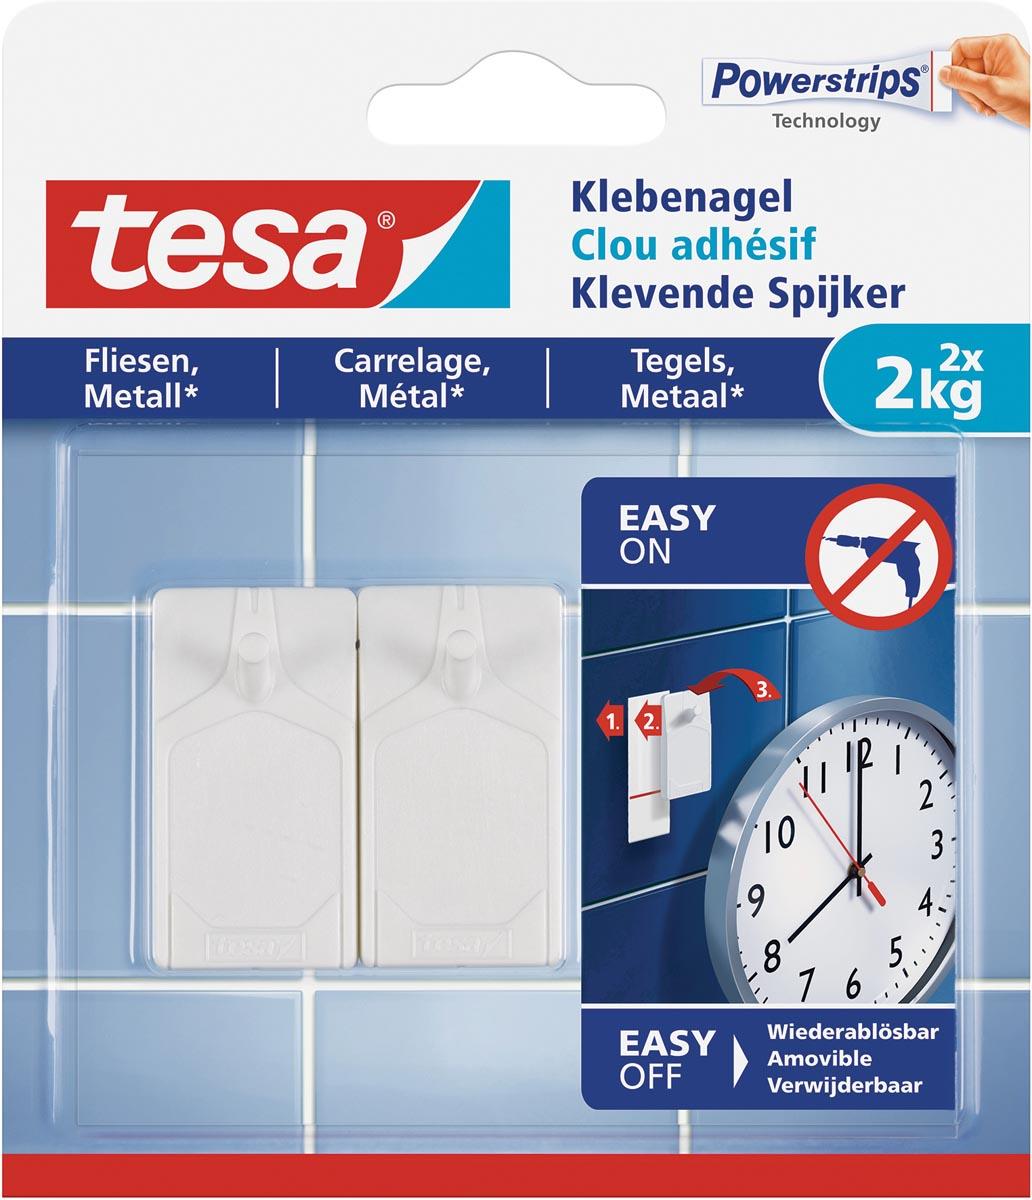 Tesa Klevende Spijker voor Tegels en Metaal, draagvermogen 2 kilogram, blister van 2 stuks